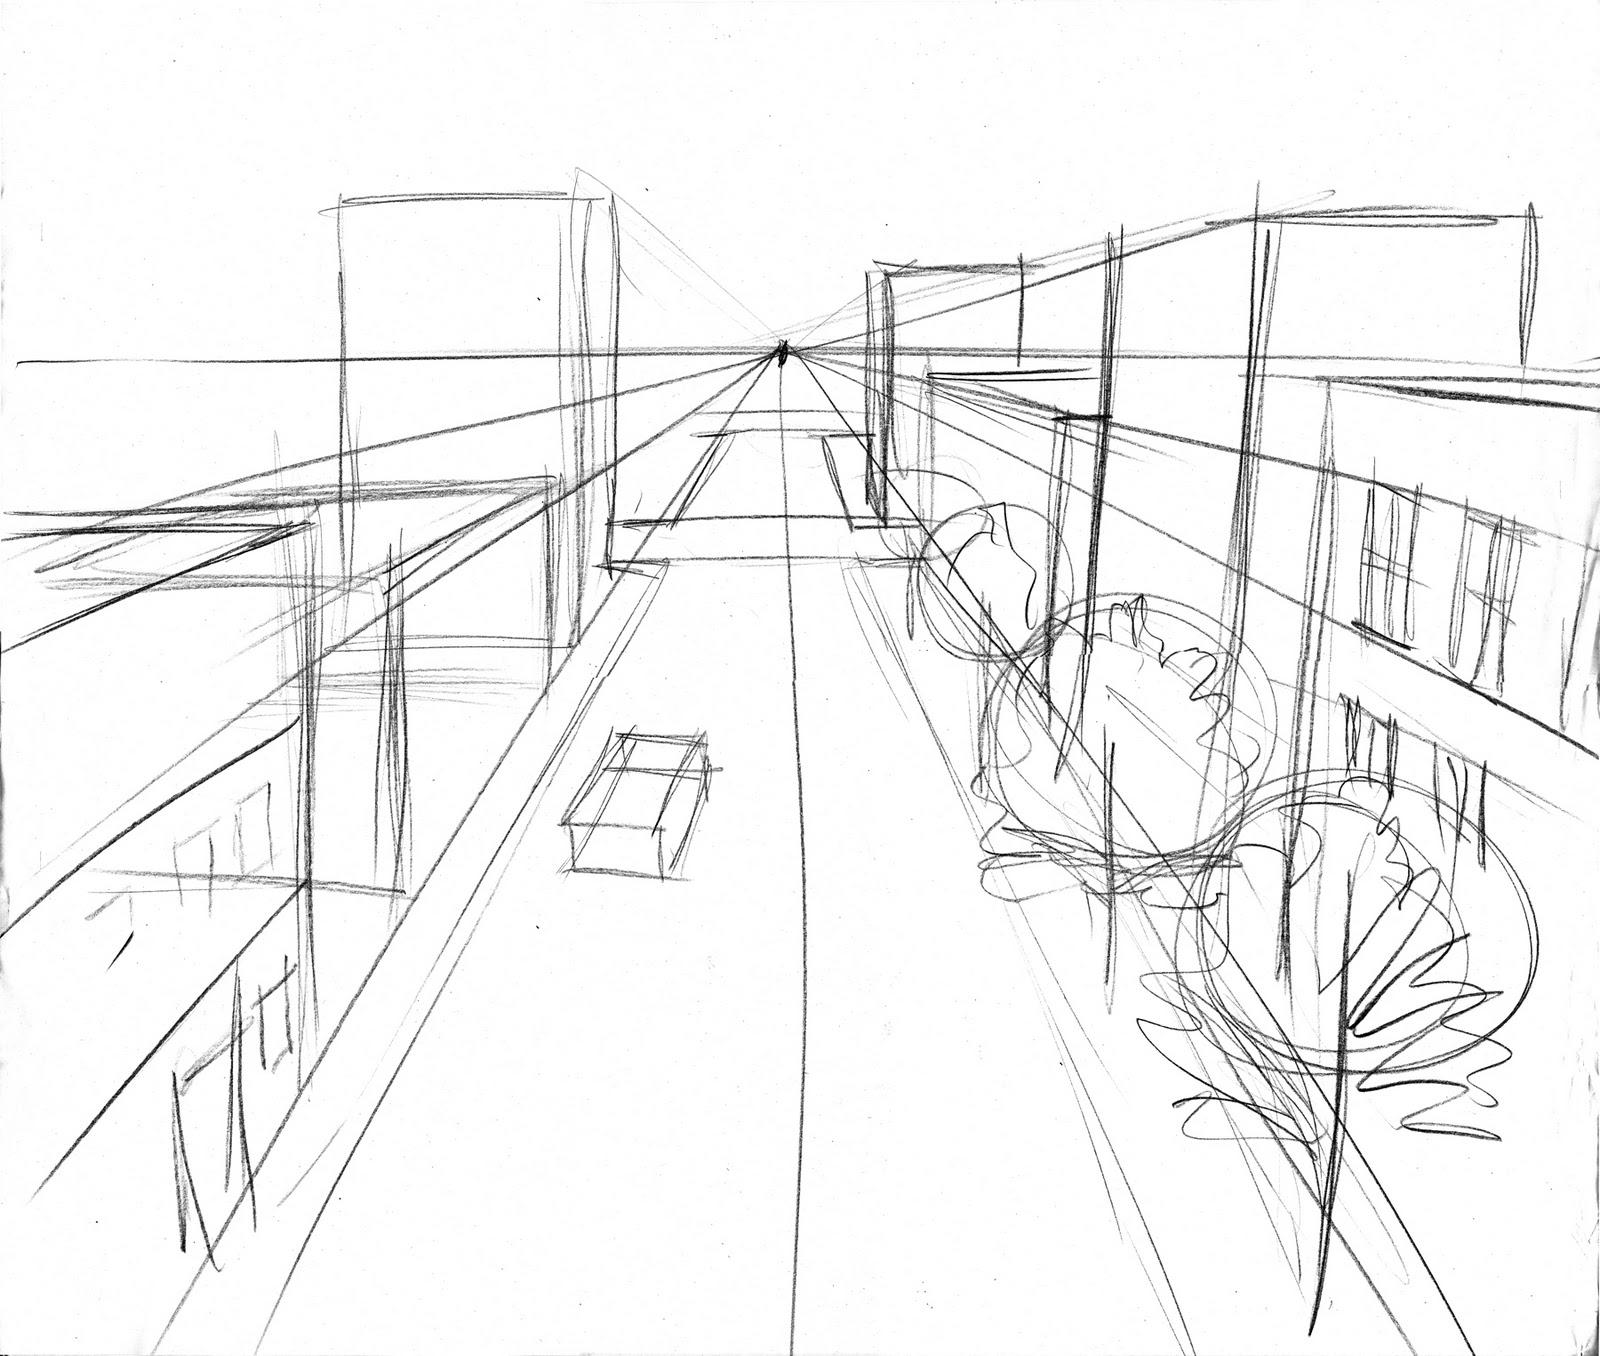 1600x1356 Jon Messer's Perspective Class